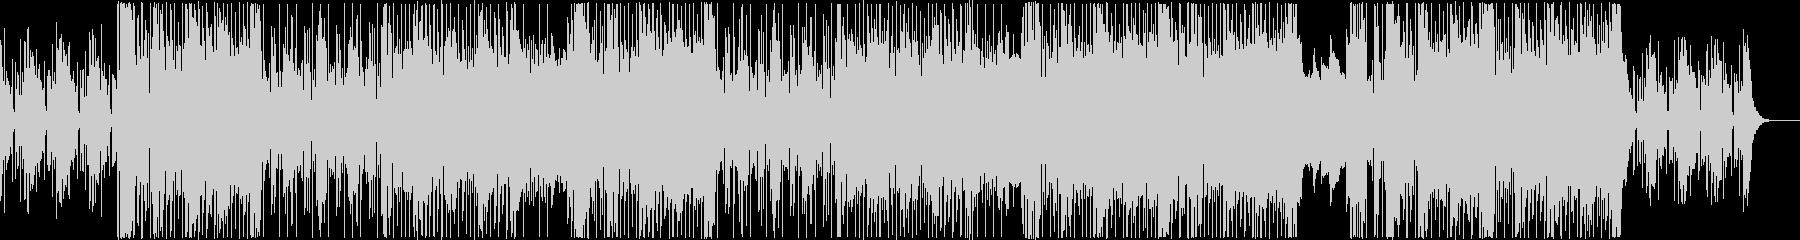 R&B/ゴスペル調BGMの未再生の波形